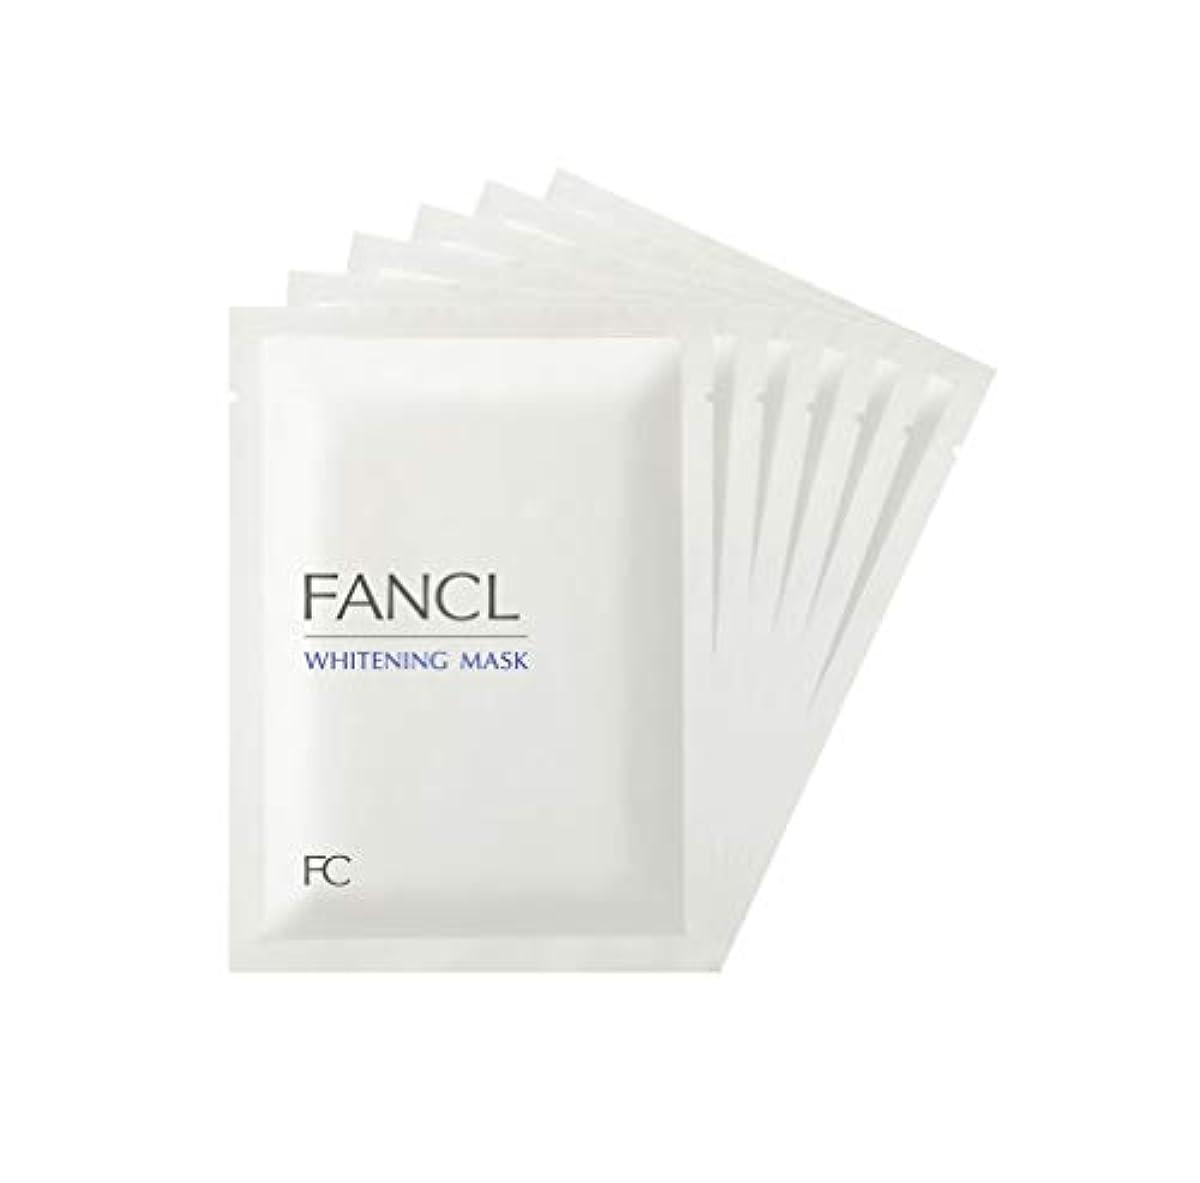 [해외] FANCL 판클 화이트닝 마스크 21mlx6매